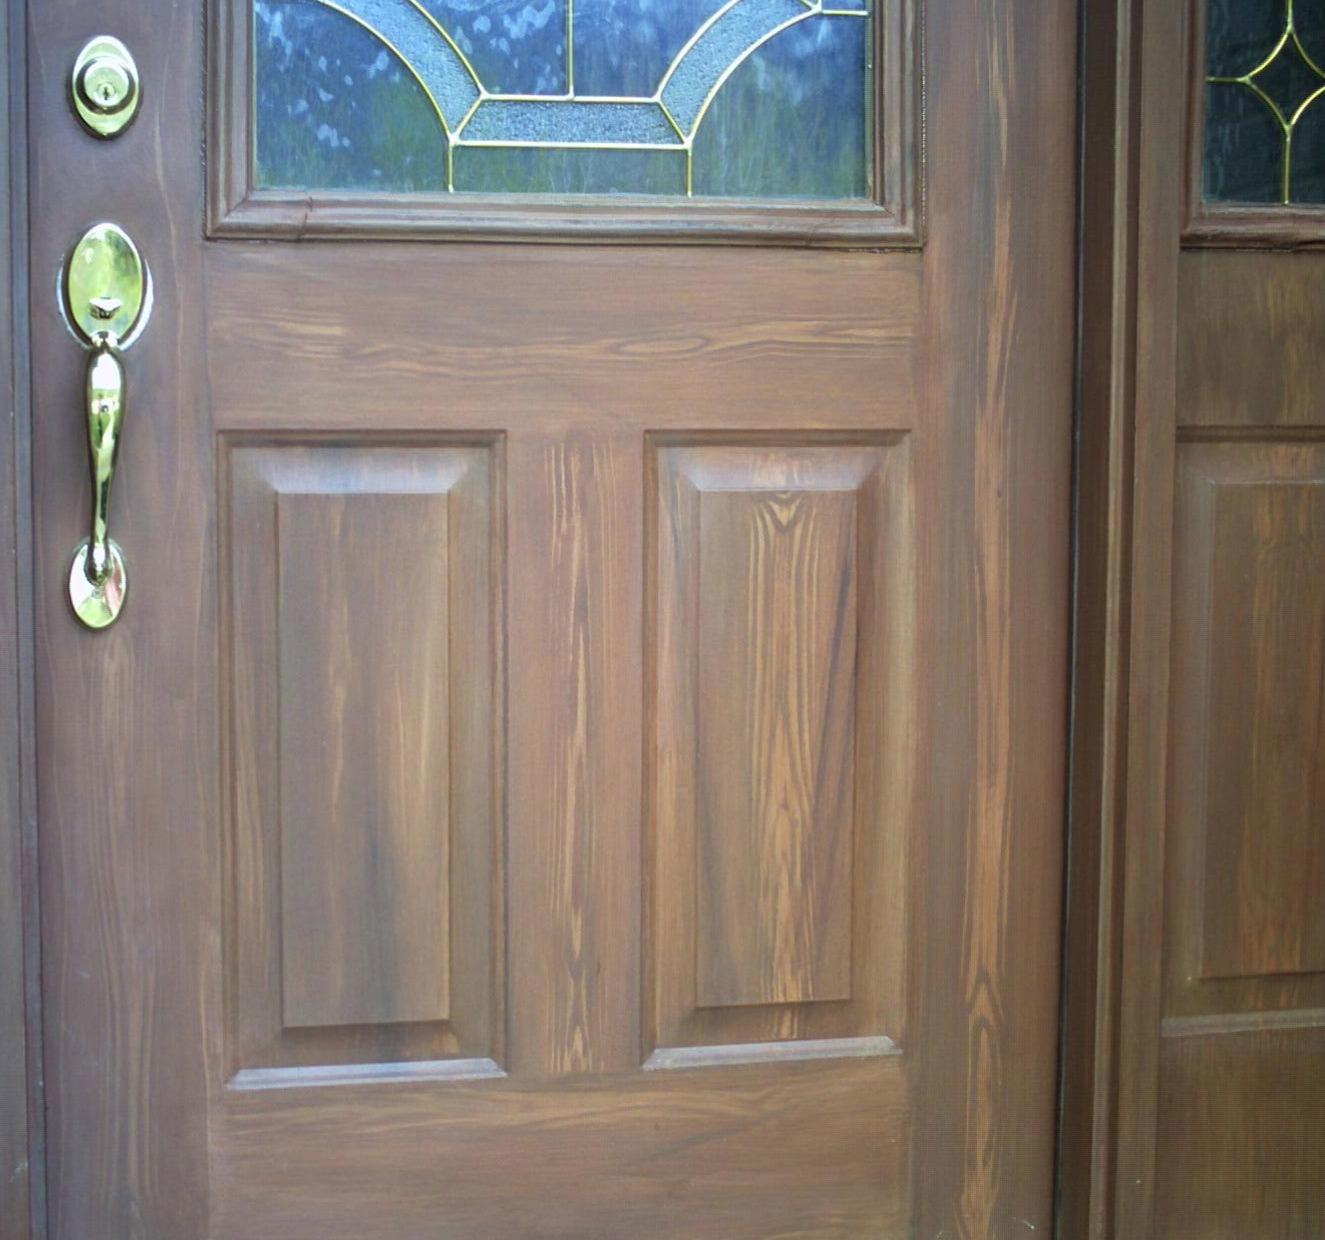 painting a metal door Metal Door Matches Exterior painting a metal door